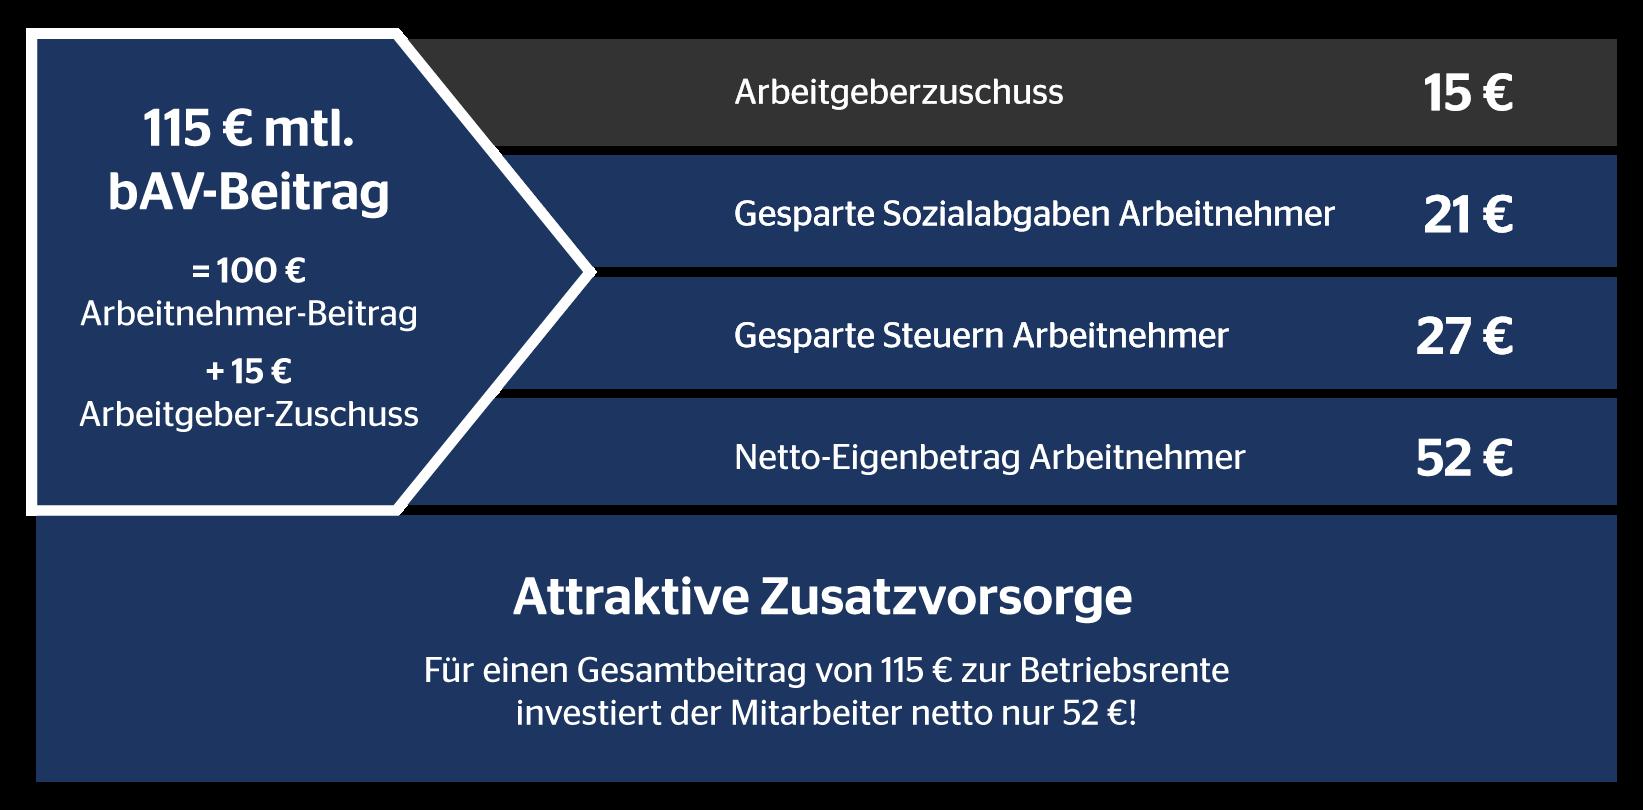 Infografik • Rechenbesipiel • Betriebliche Altersvorsorge Paderborn • BAV • OVB Daniel Uhlmannsiek • Altersvorsorge Paderborn